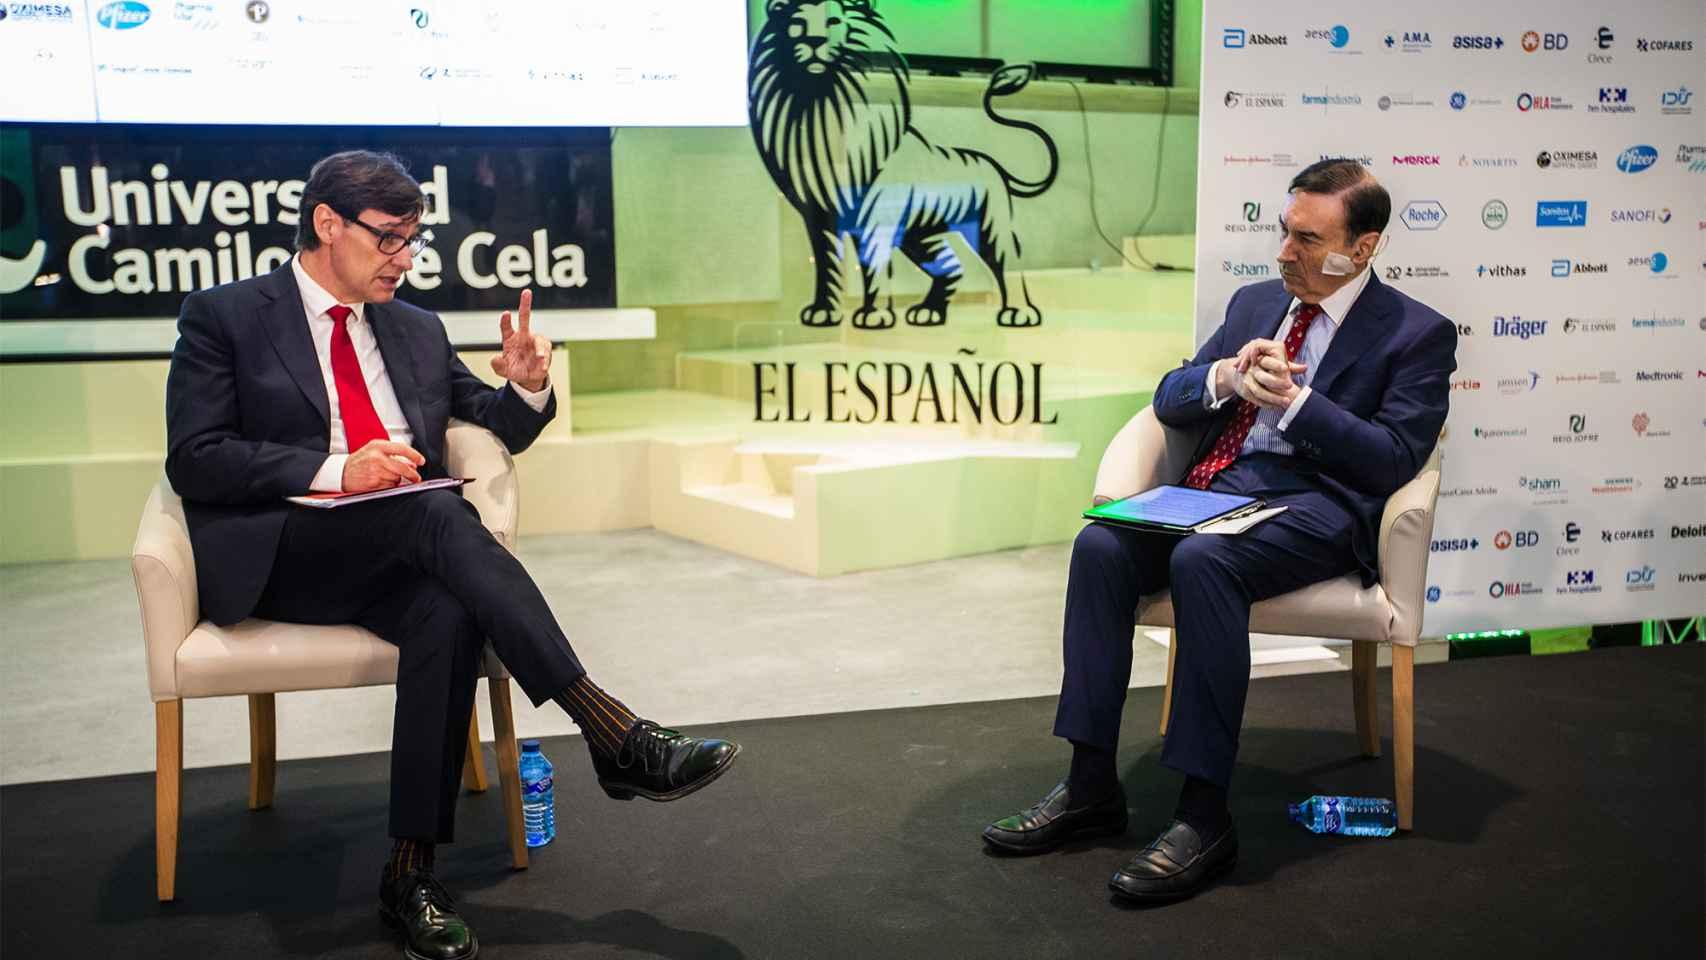 El ministro de Sanidad, Salvador Illa, conversa con el presidente ejecutivo y director de EL ESPAÑOL, Pedro J. Ramírez, durante la inauguración del simposio.